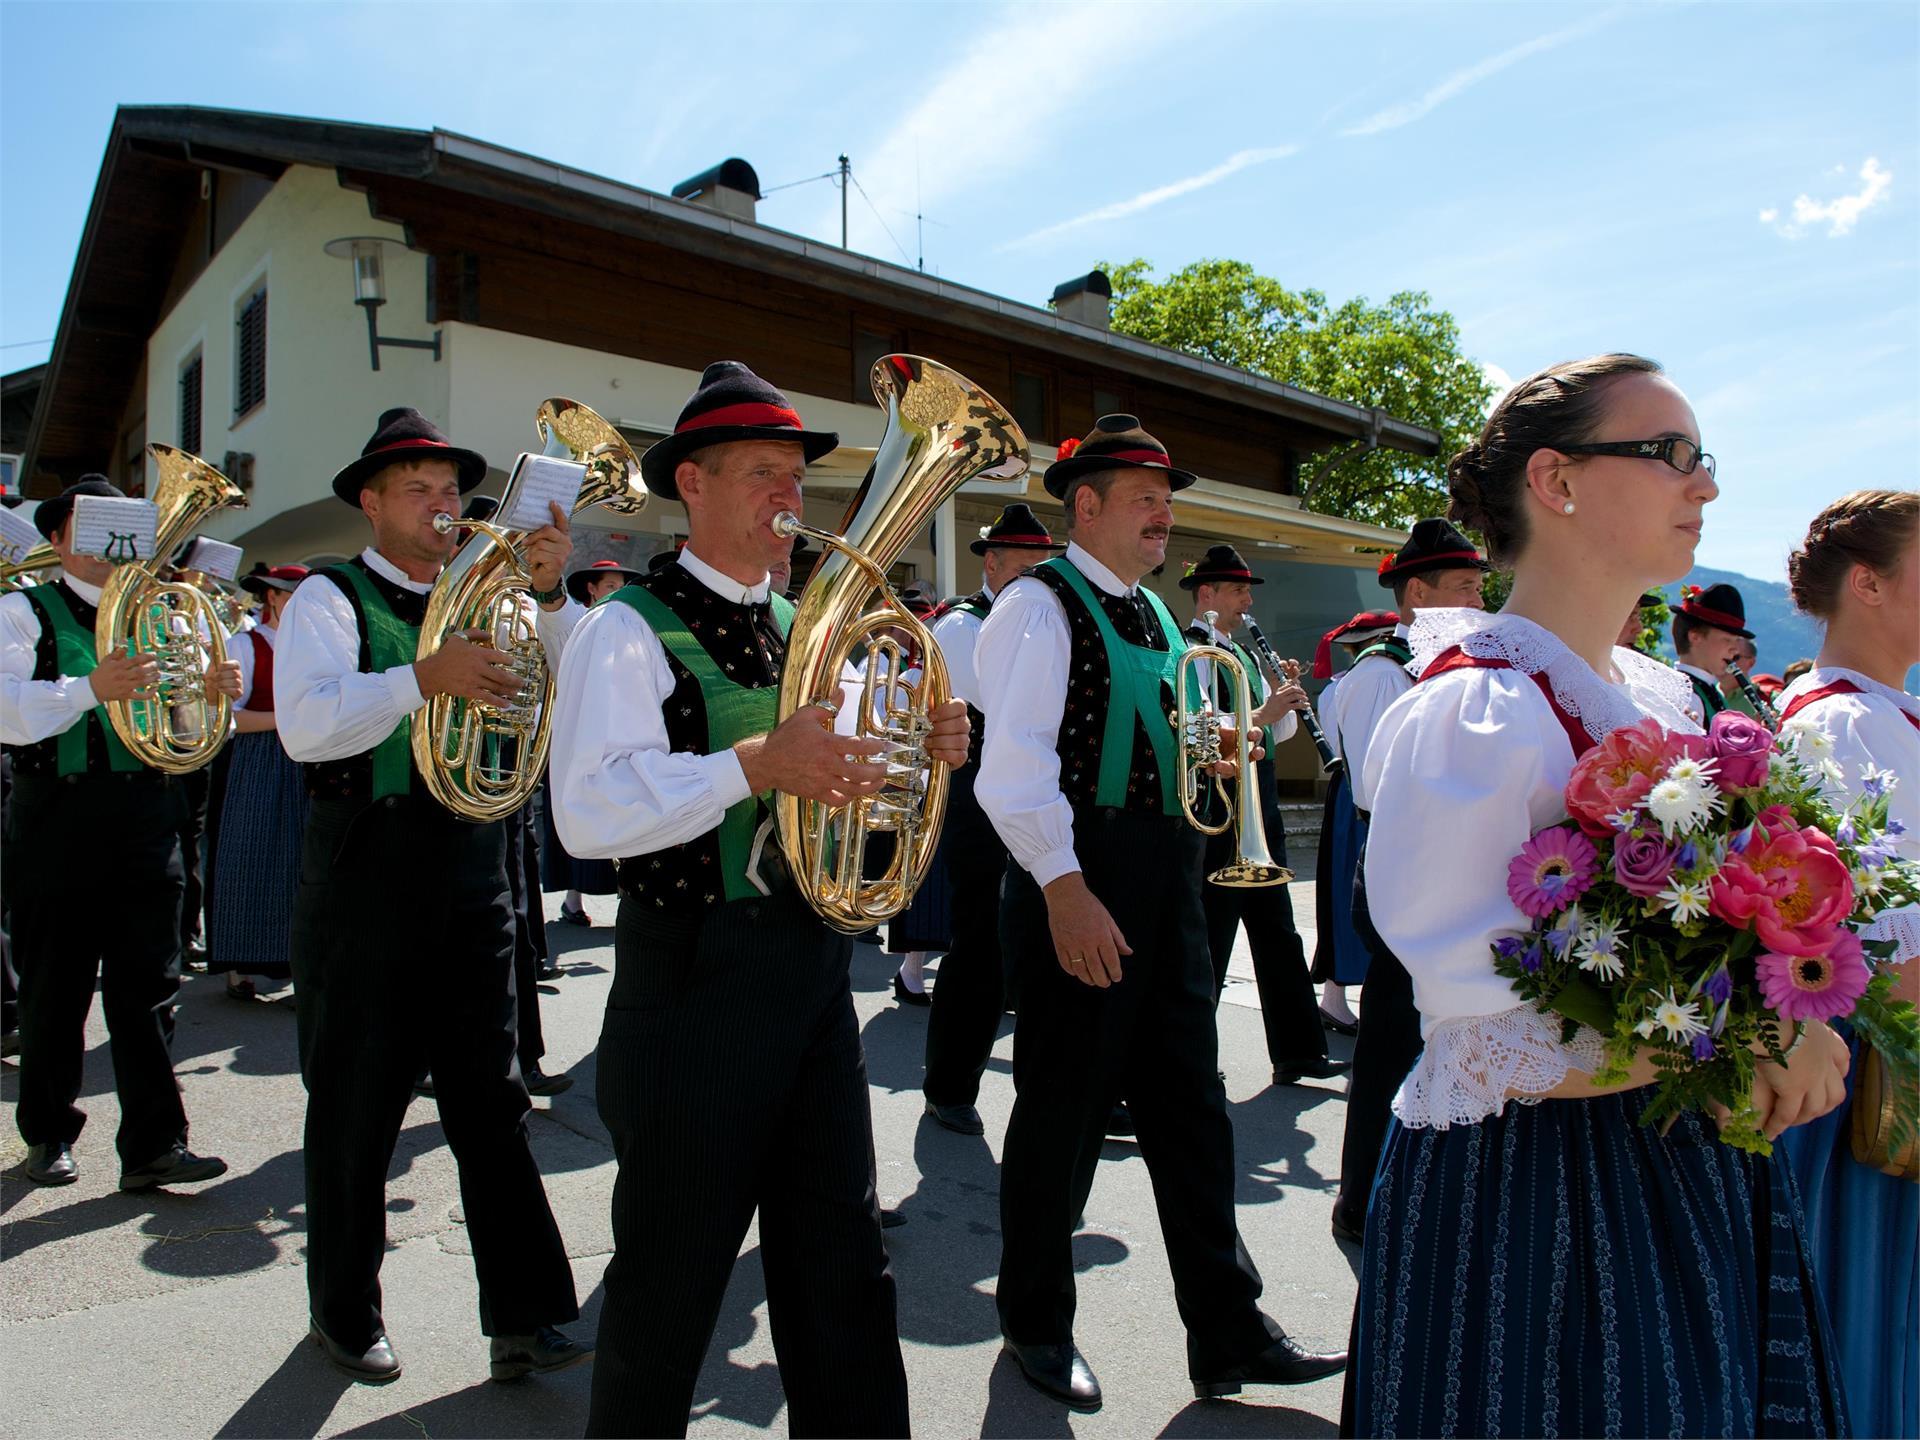 Concerto domenicale della banda musicale di Rabenstein a Scena